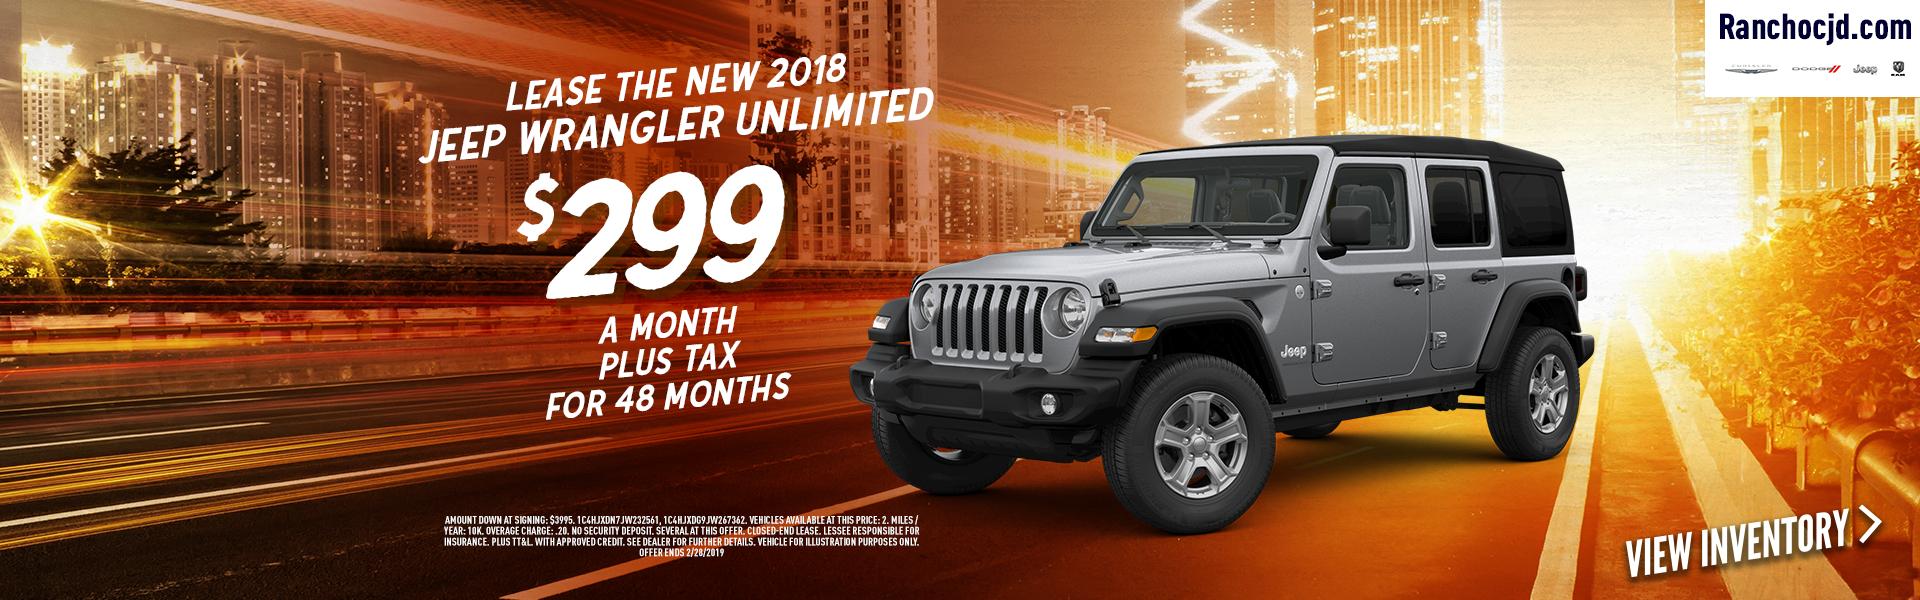 san-diego-ca-2018-jeep-wrangler